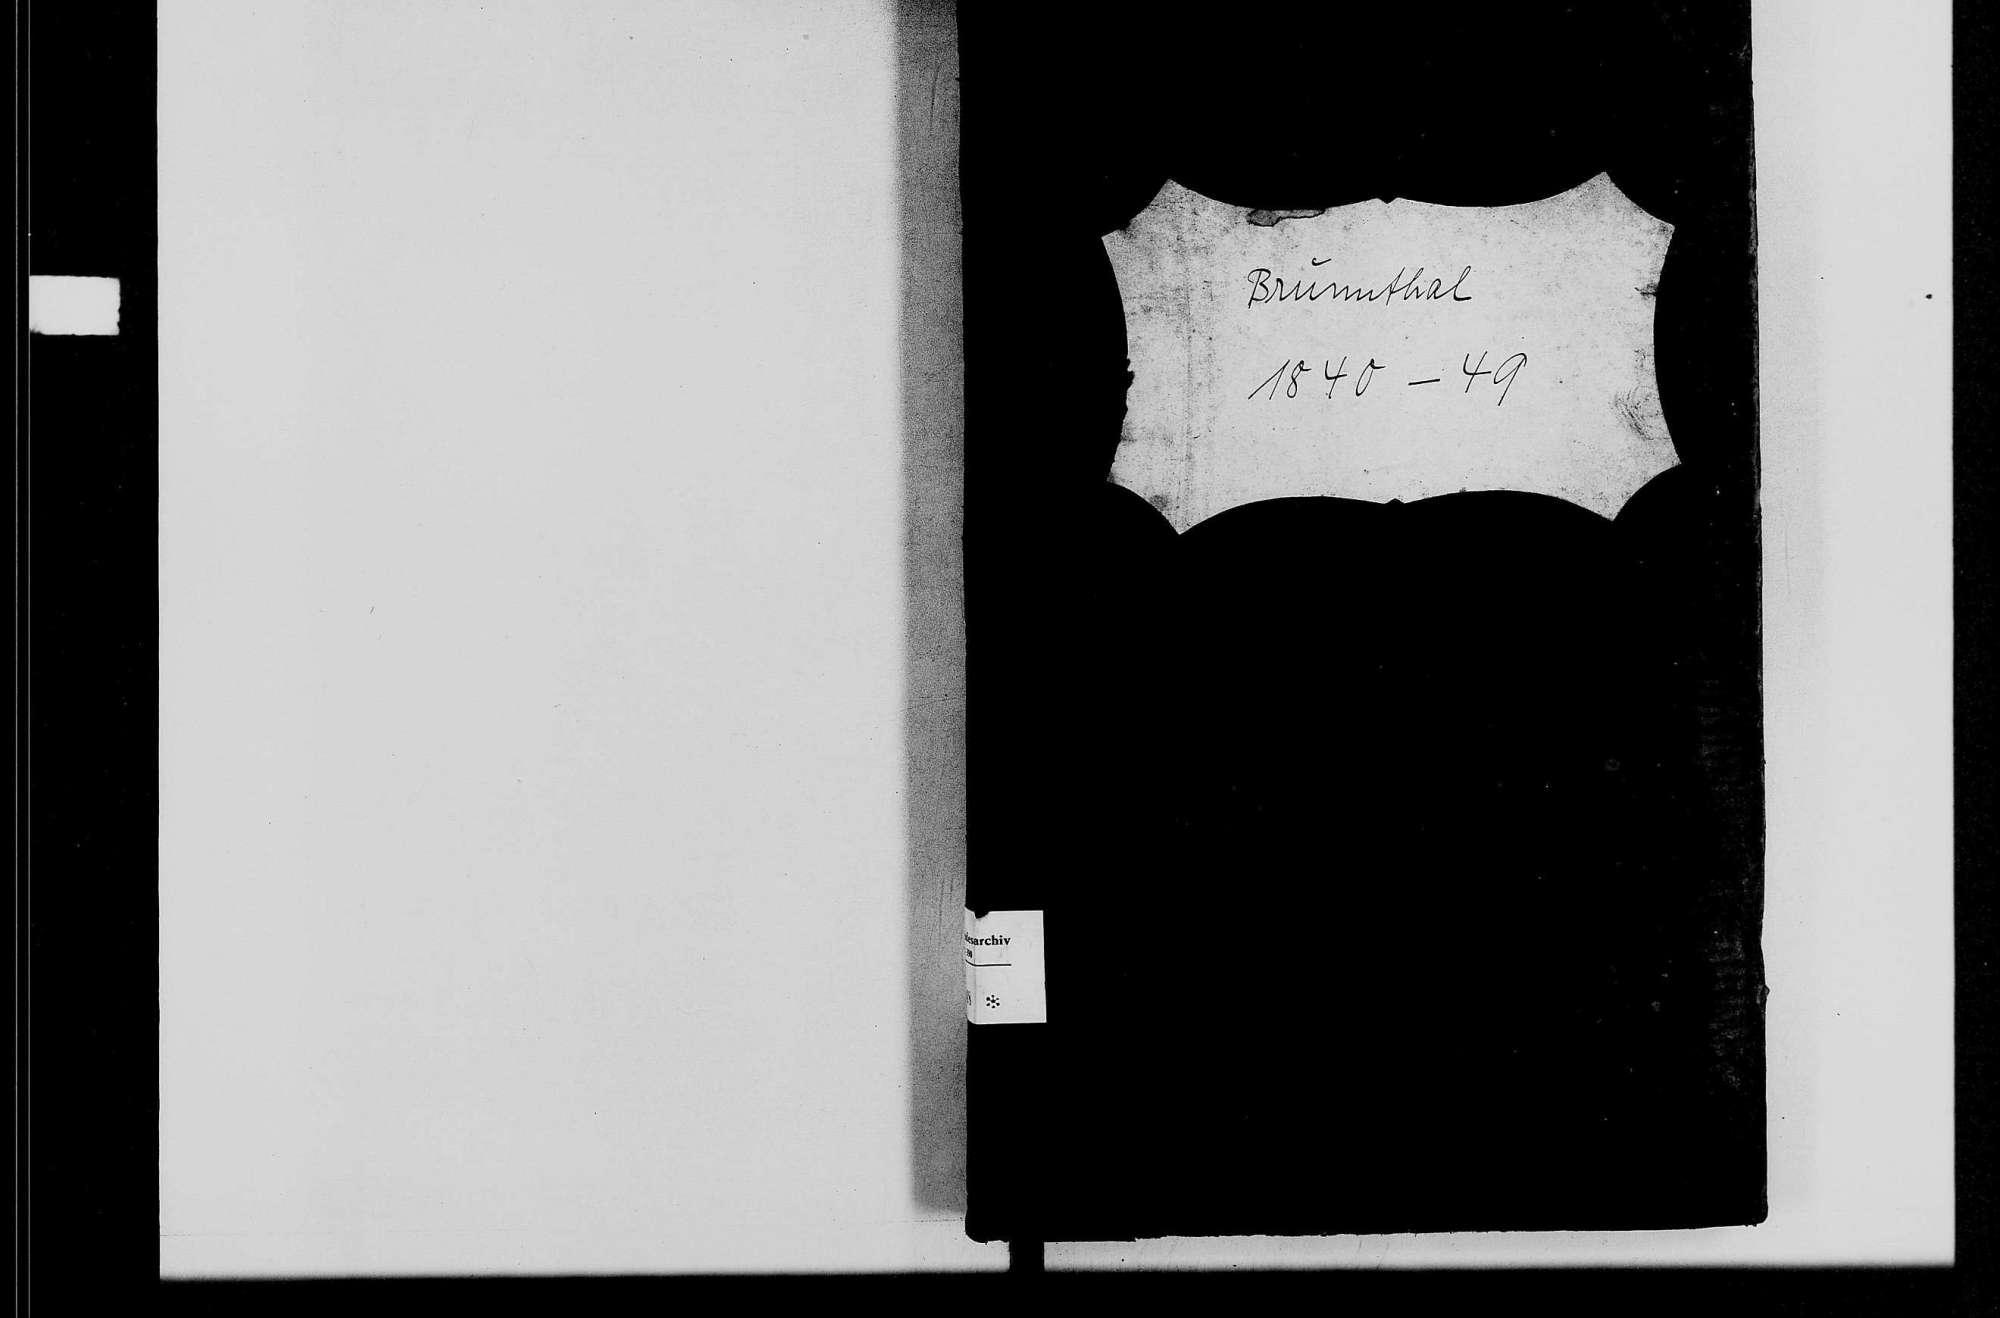 Brunntal, katholische Gemeinde: Standesbuch 1840-1849, Bild 1